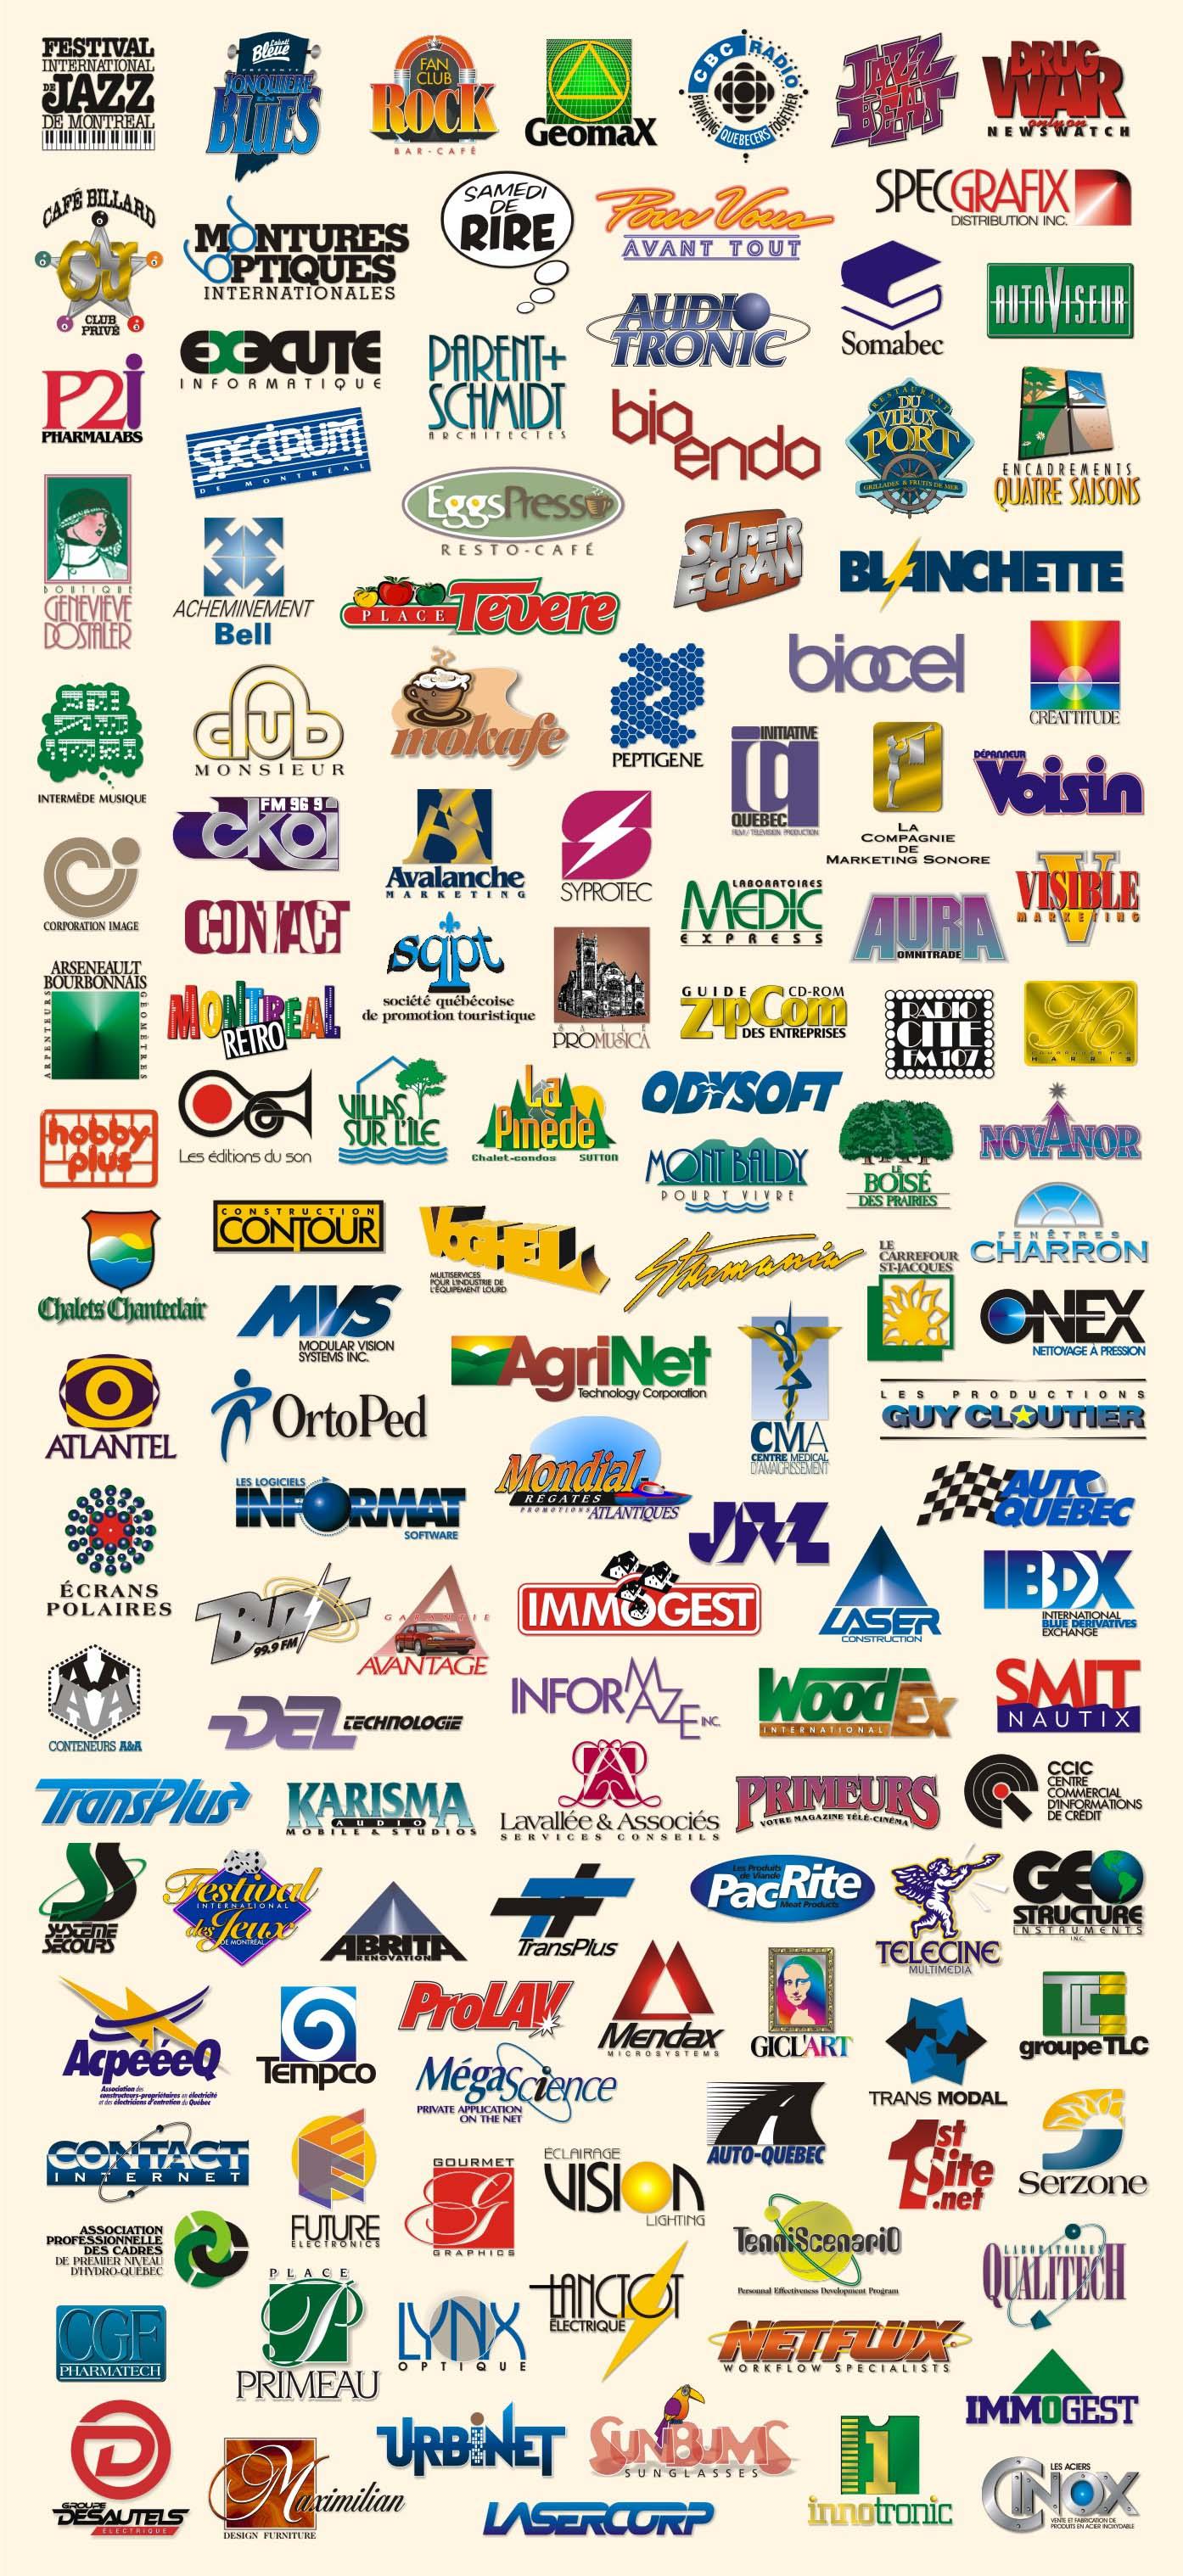 Votre image est le reflet de votre entreprise a good logo is worth a